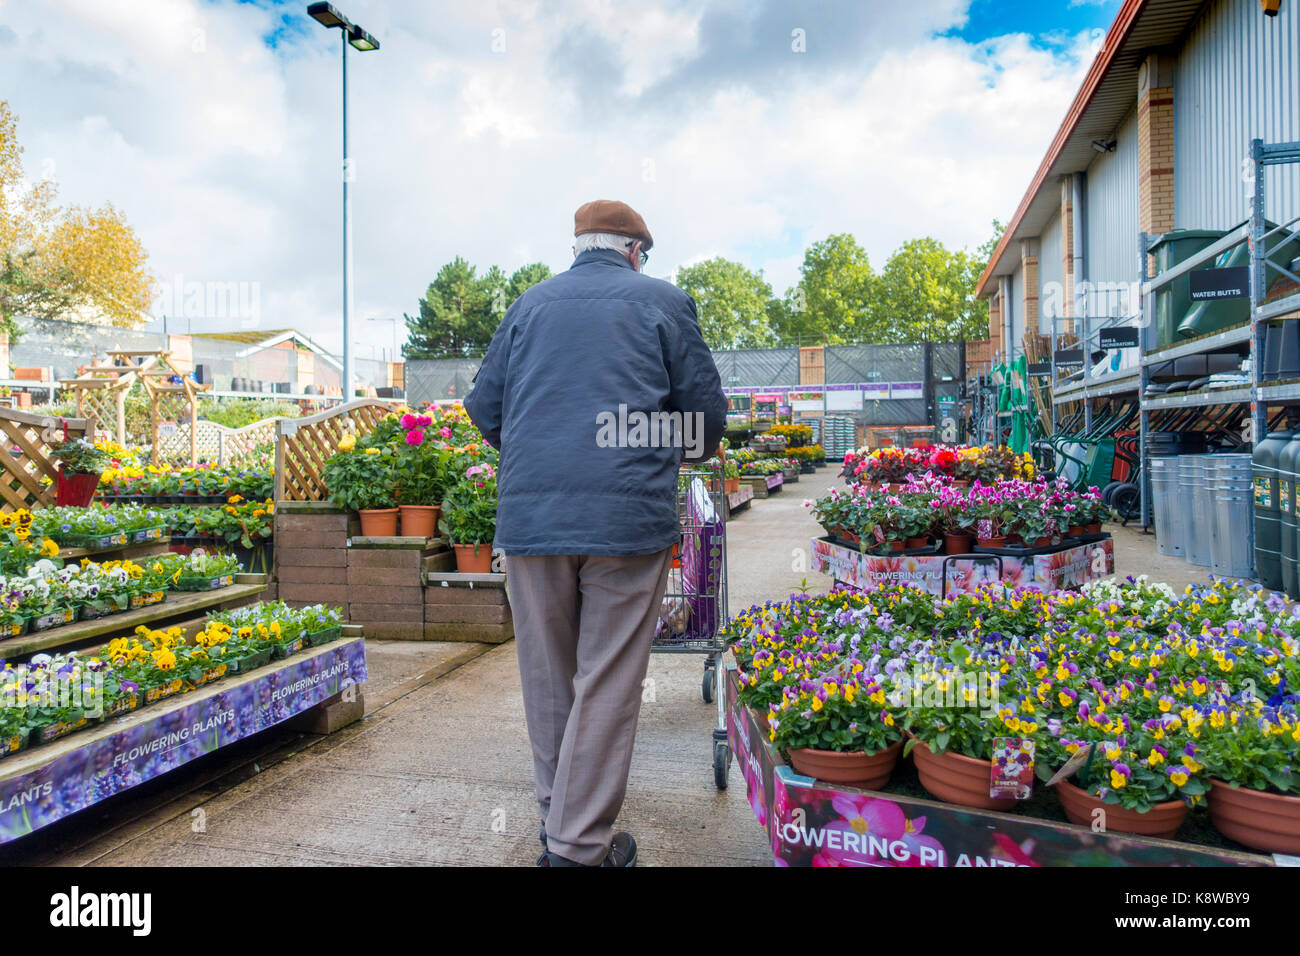 Ancianos jubilados hombre caminando con un carrito de la compra en la sección de jardín en plena floración Imagen De Stock